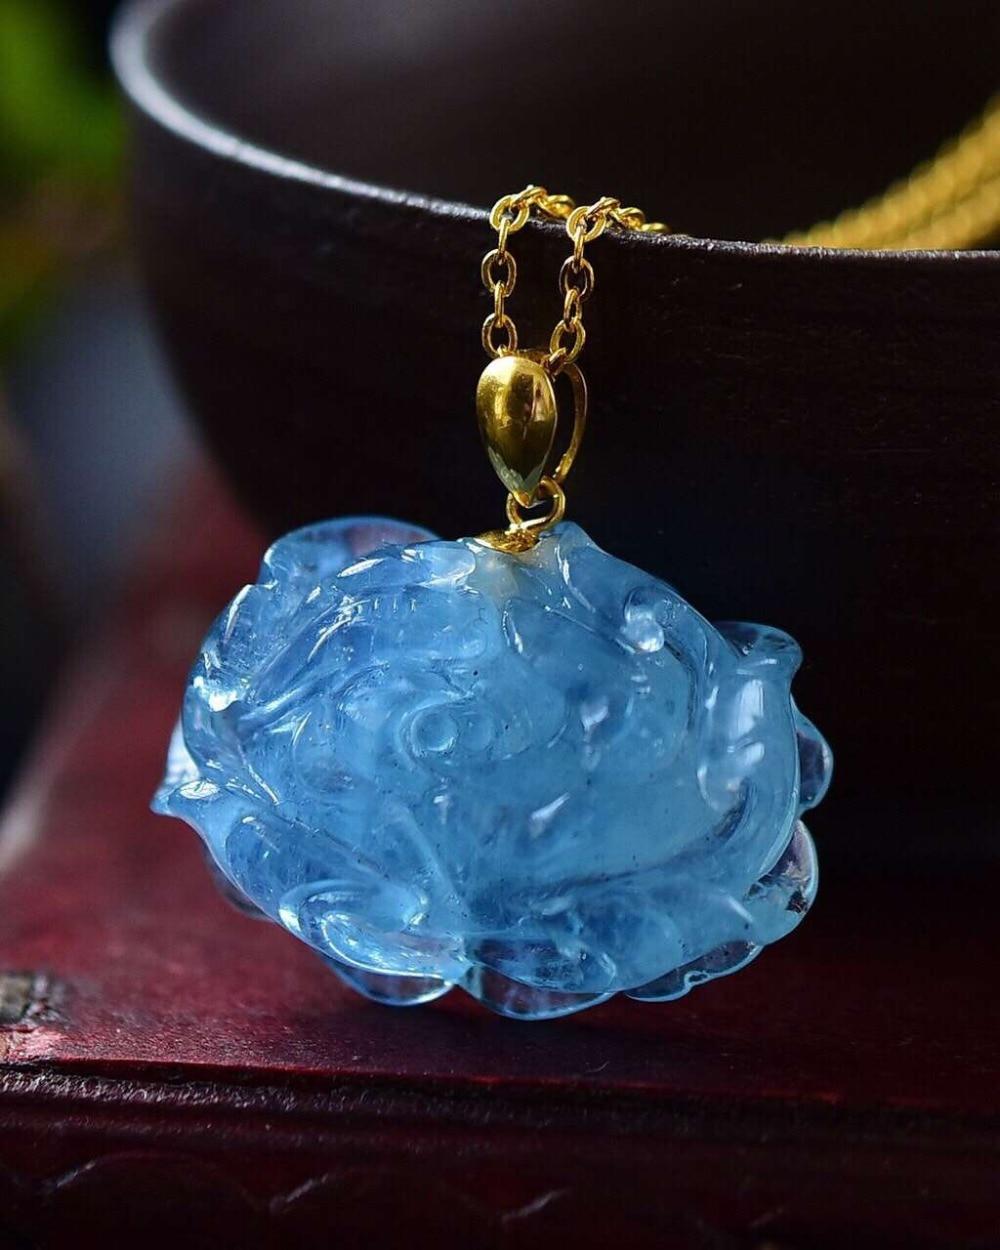 23x17x9mm Natürliche Aquamarin Blau Transparent Kristall Anhänger Mit Mode Ozean Halskette Für Frauen Aaaaa Drop Verschiffen GroßEr Ausverkauf Edler Schmuck Anhänger